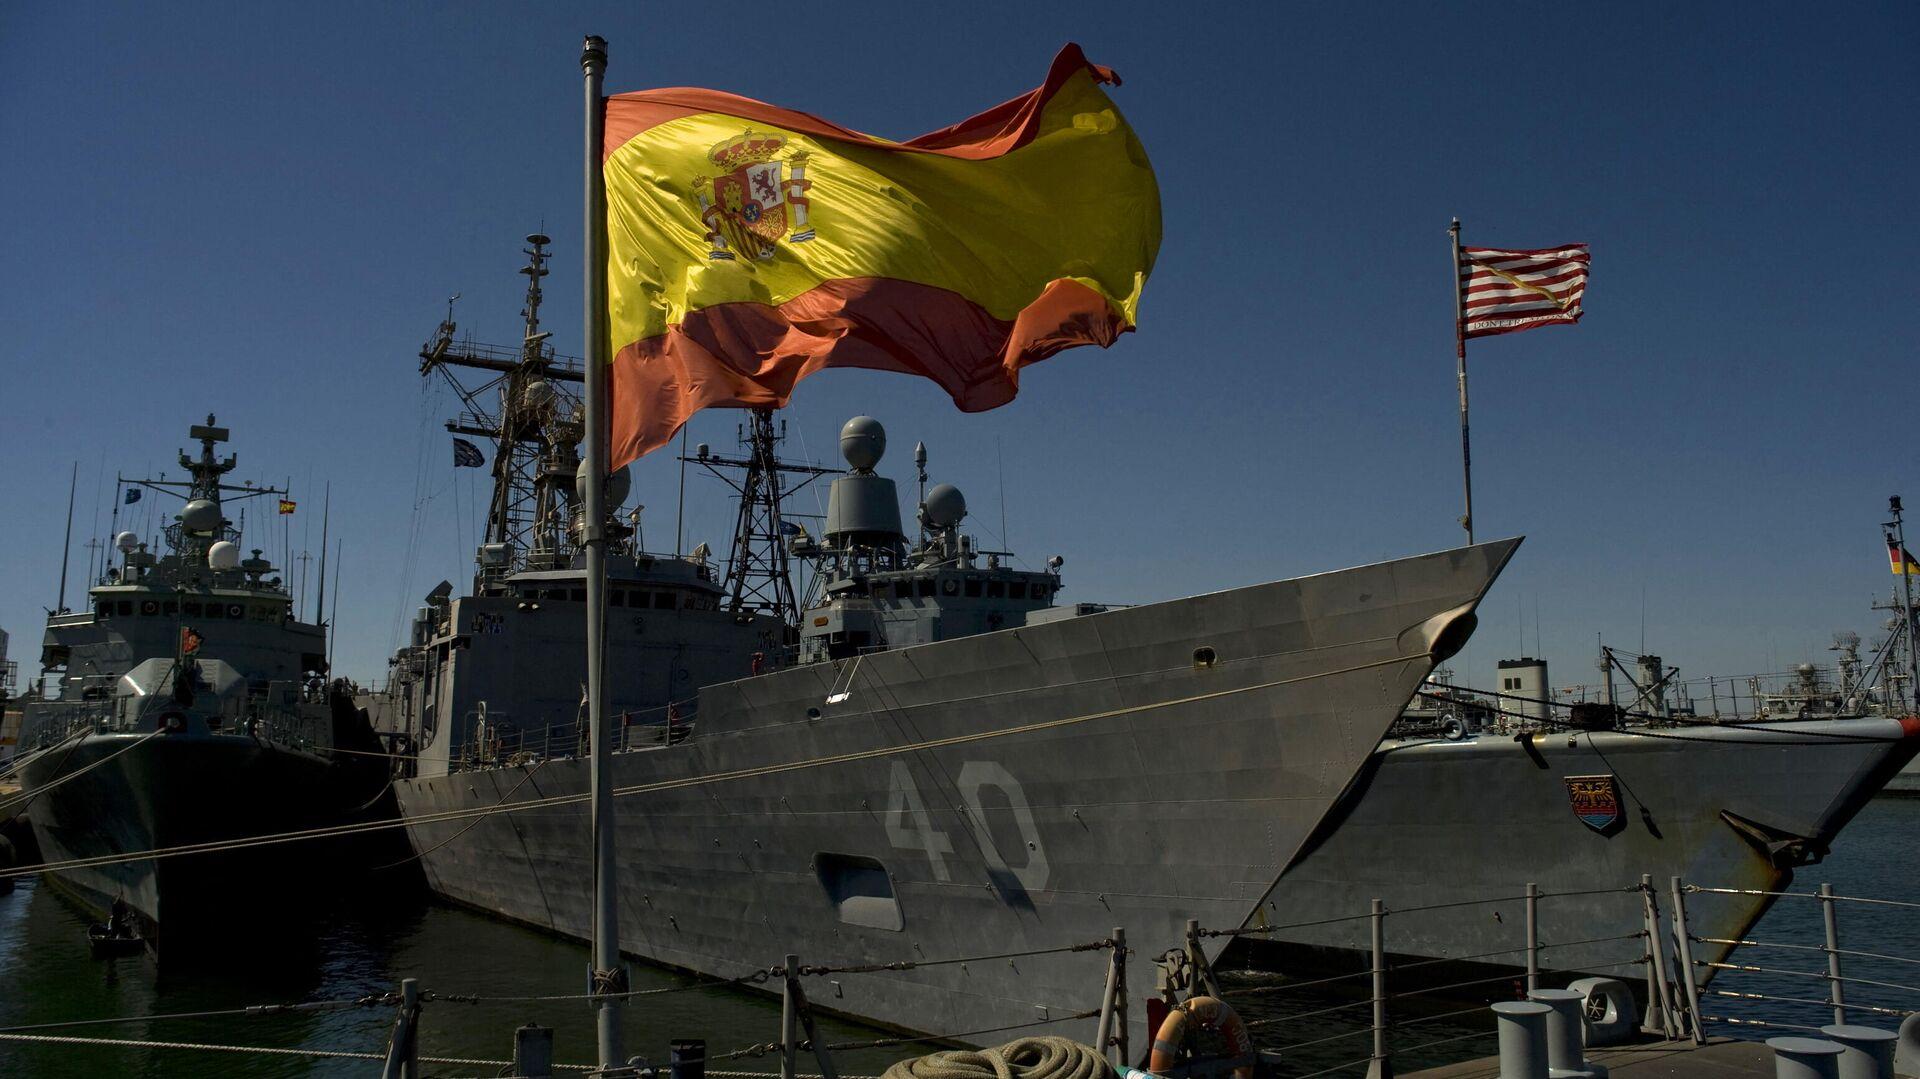 Fragadas en la base naval de Rota, España - Sputnik Mundo, 1920, 12.03.2021